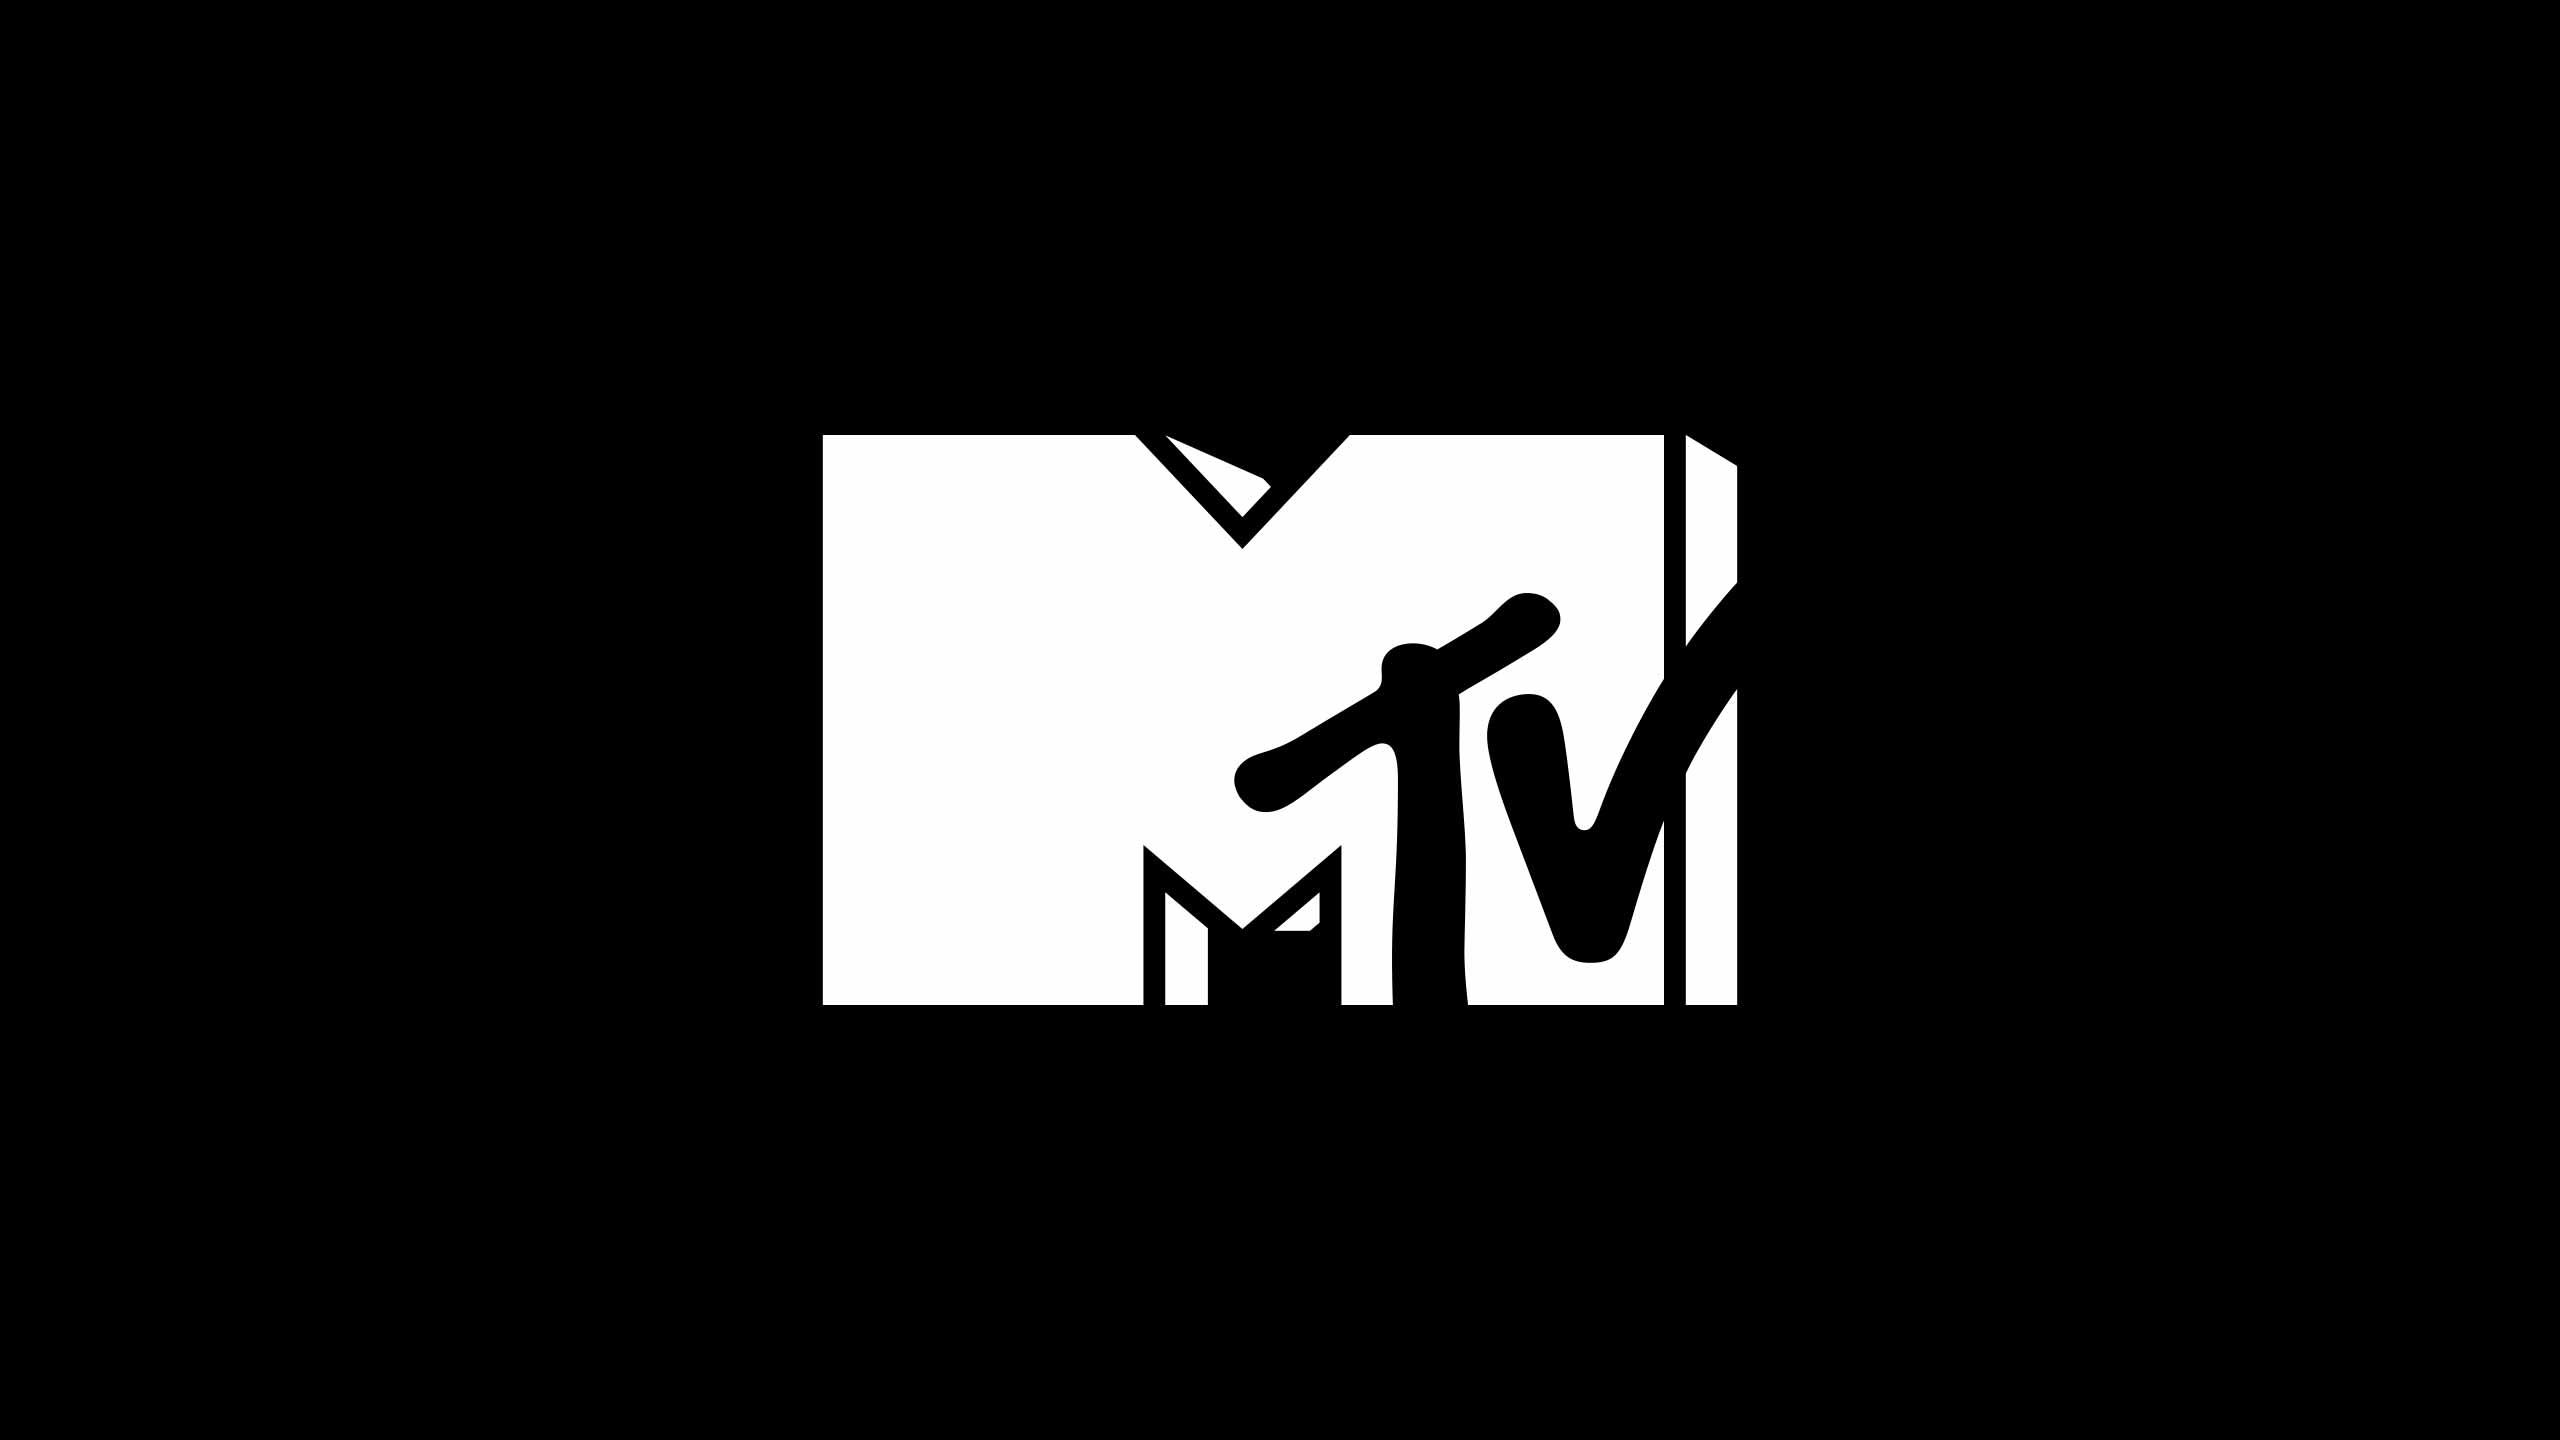 De Ed Sheeran A Rihanna Les Pires Tatouages De Stars Mtv France